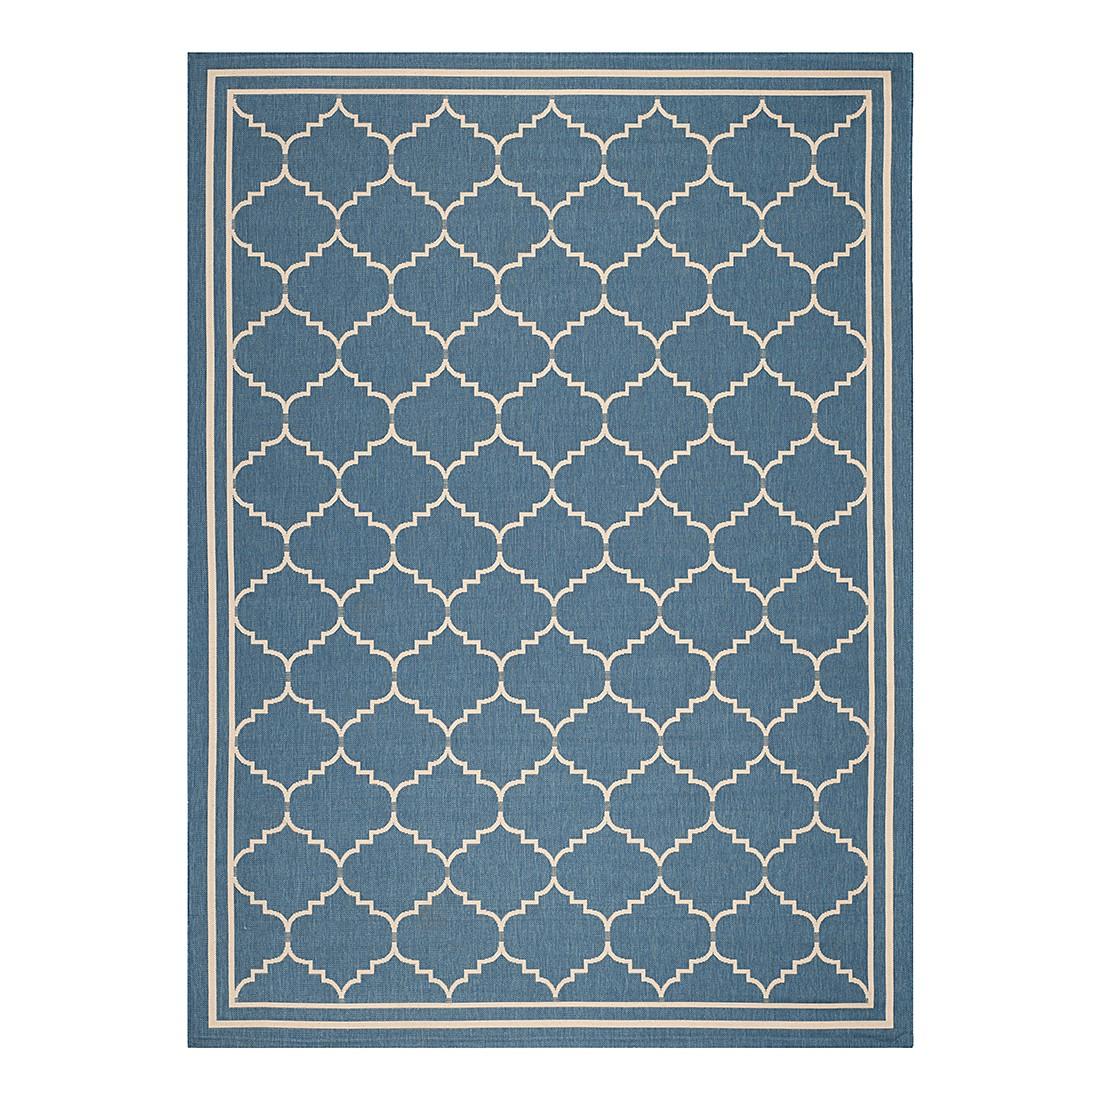 In-/Outdoorteppich Chloe – Blau/Beige – Maße: 60 x 109 cm, Safavieh online bestellen